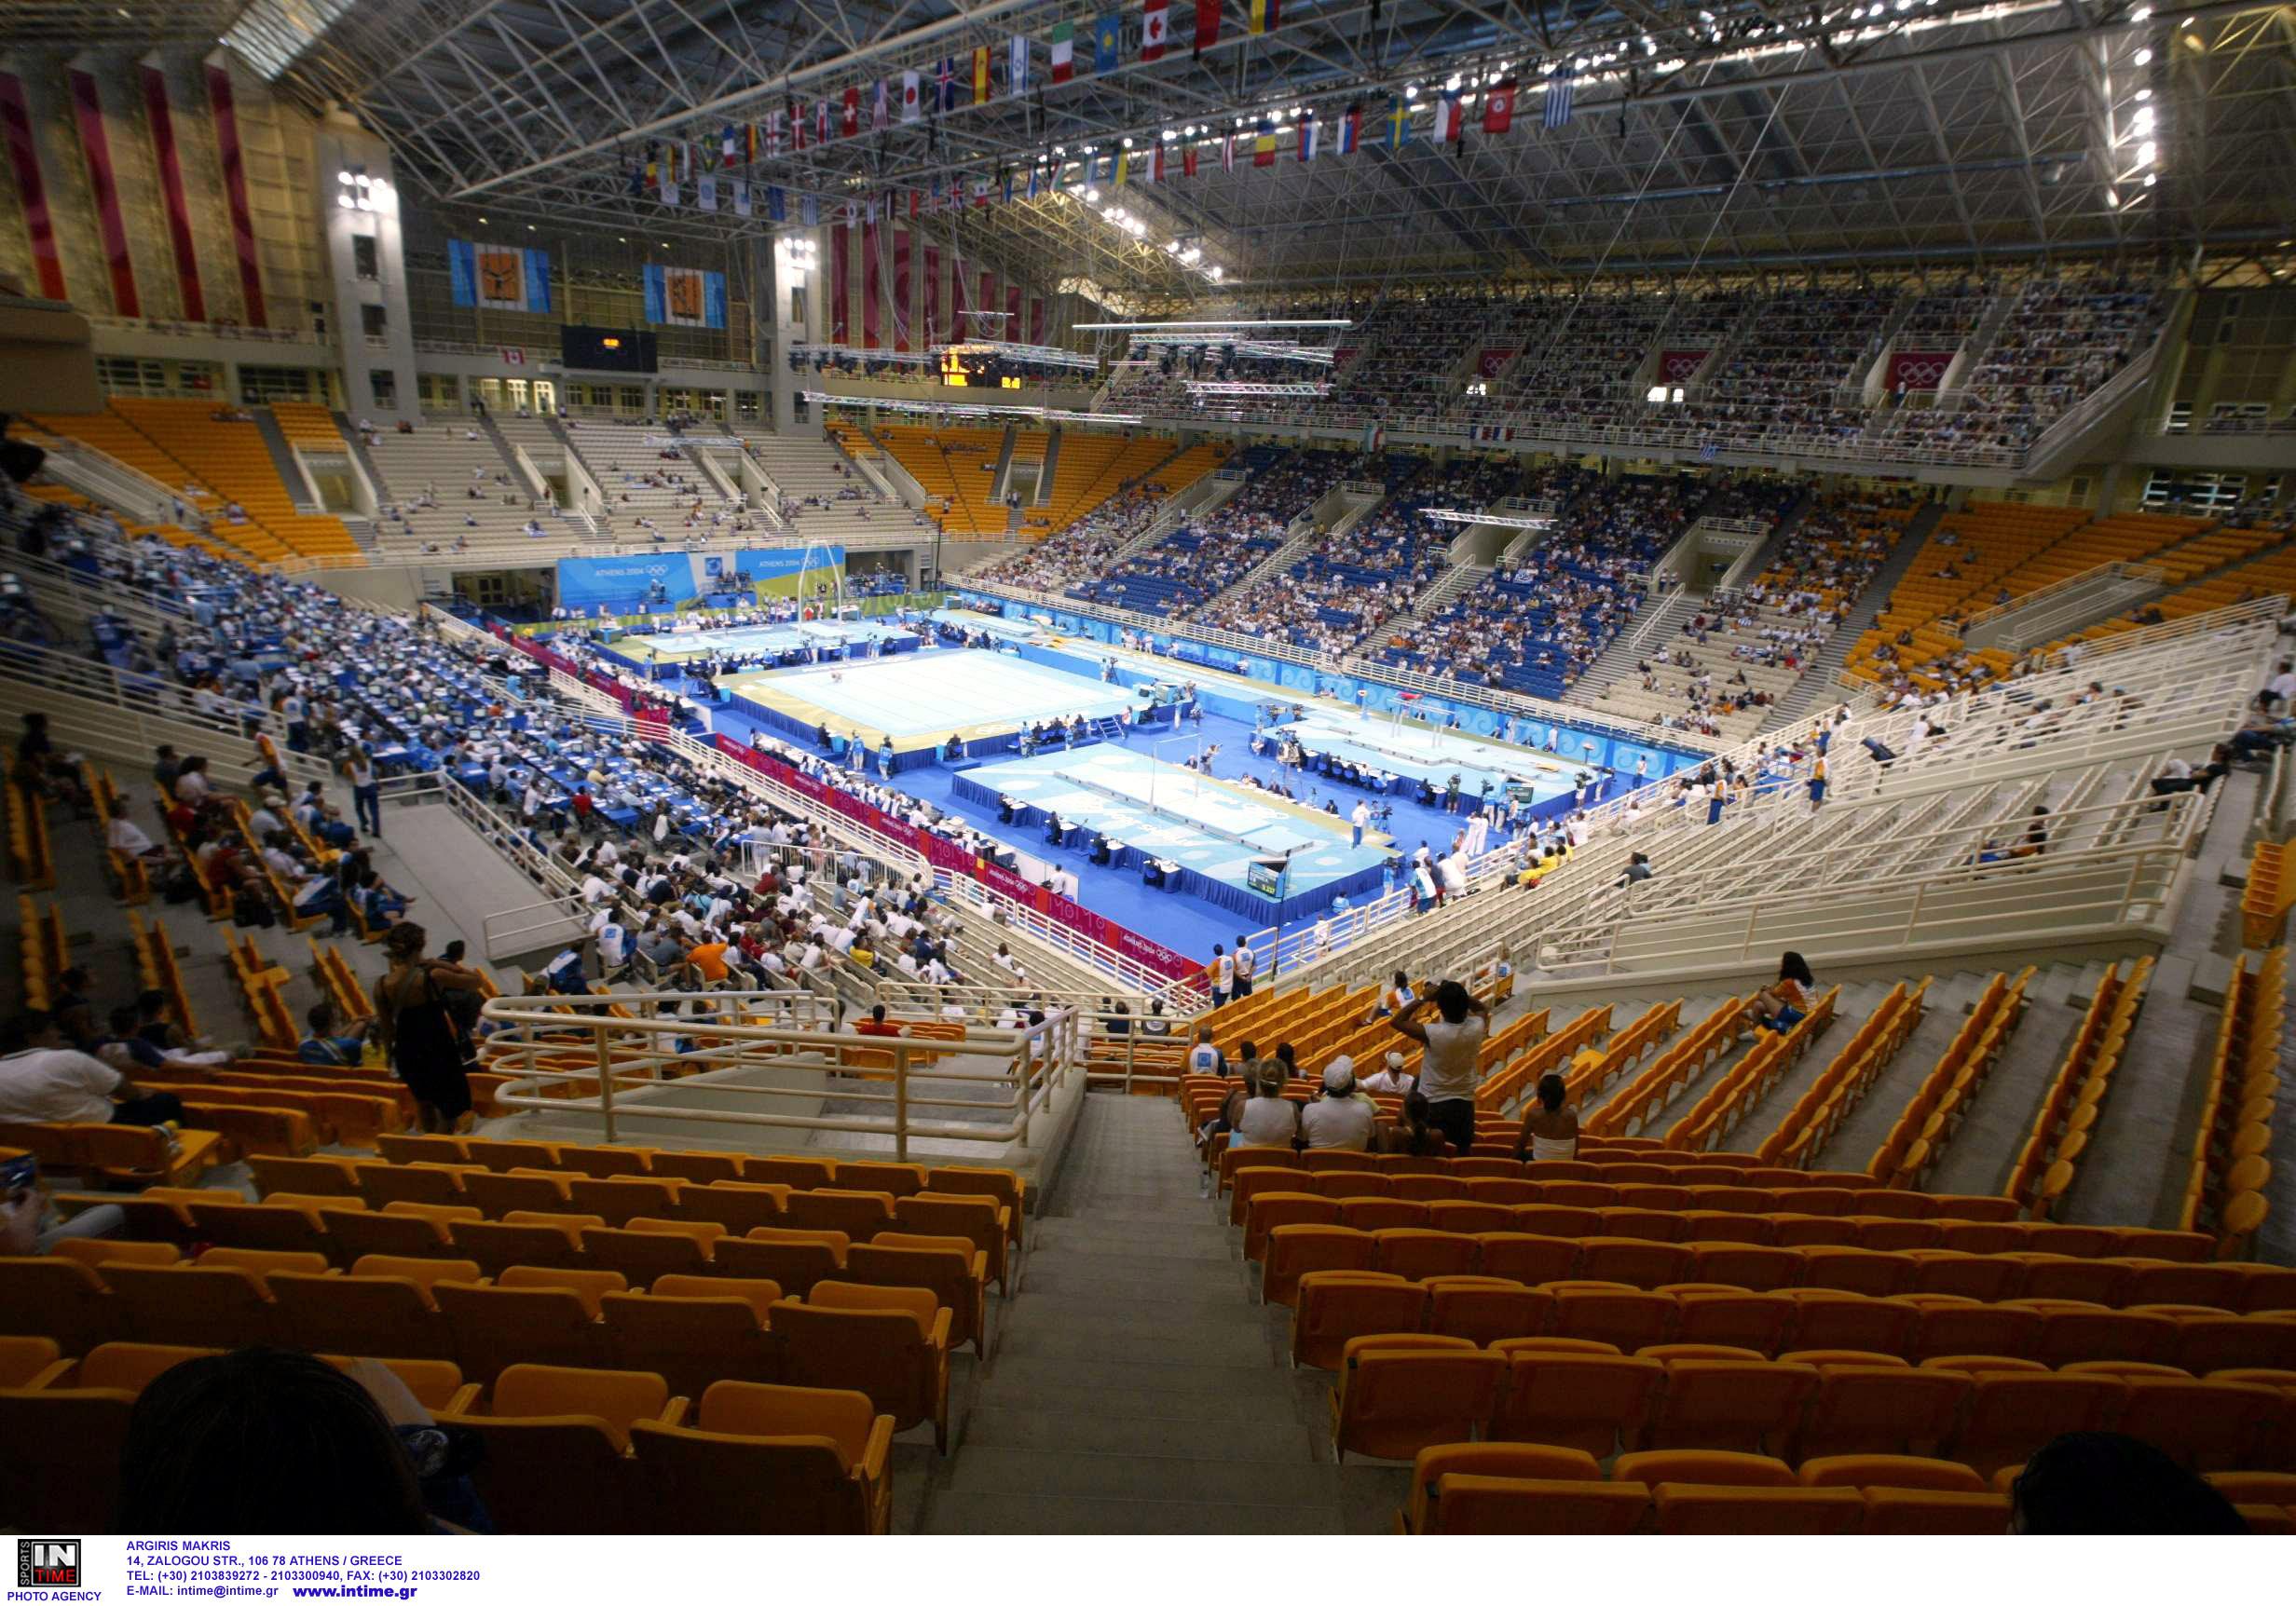 Ενόργανη γυμναστική: Η σοκαριστική επιστολή των αθλητών για τα βασανιστήρια και τις κακοποιήσεις